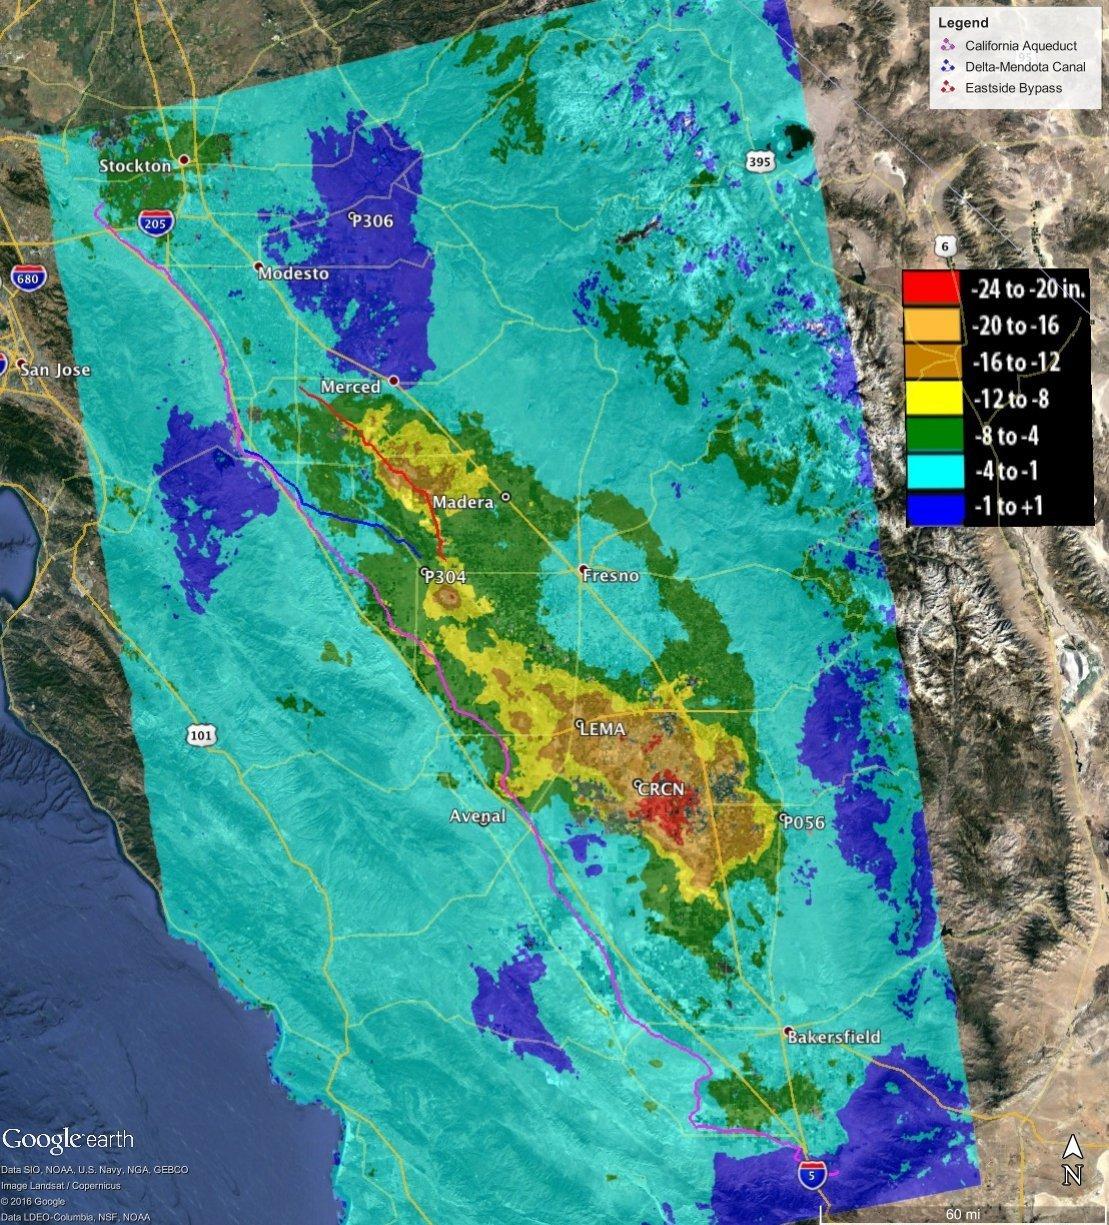 Hundimiento total en el valle de San Joaquín en California